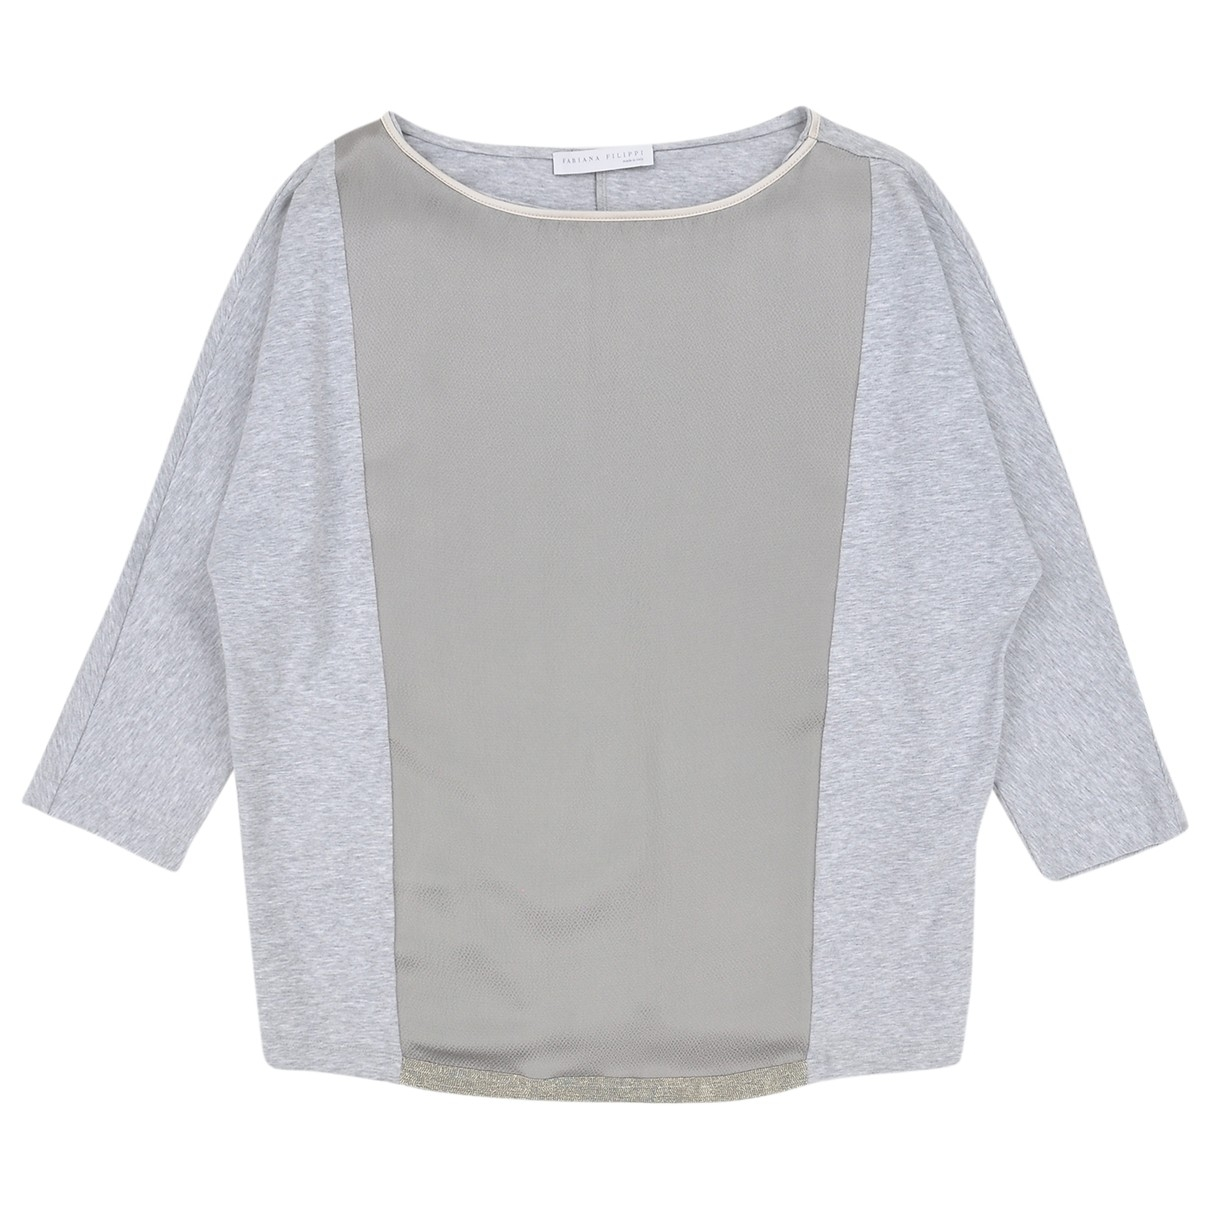 Fabiana Filippi - Top   pour femme en coton - gris